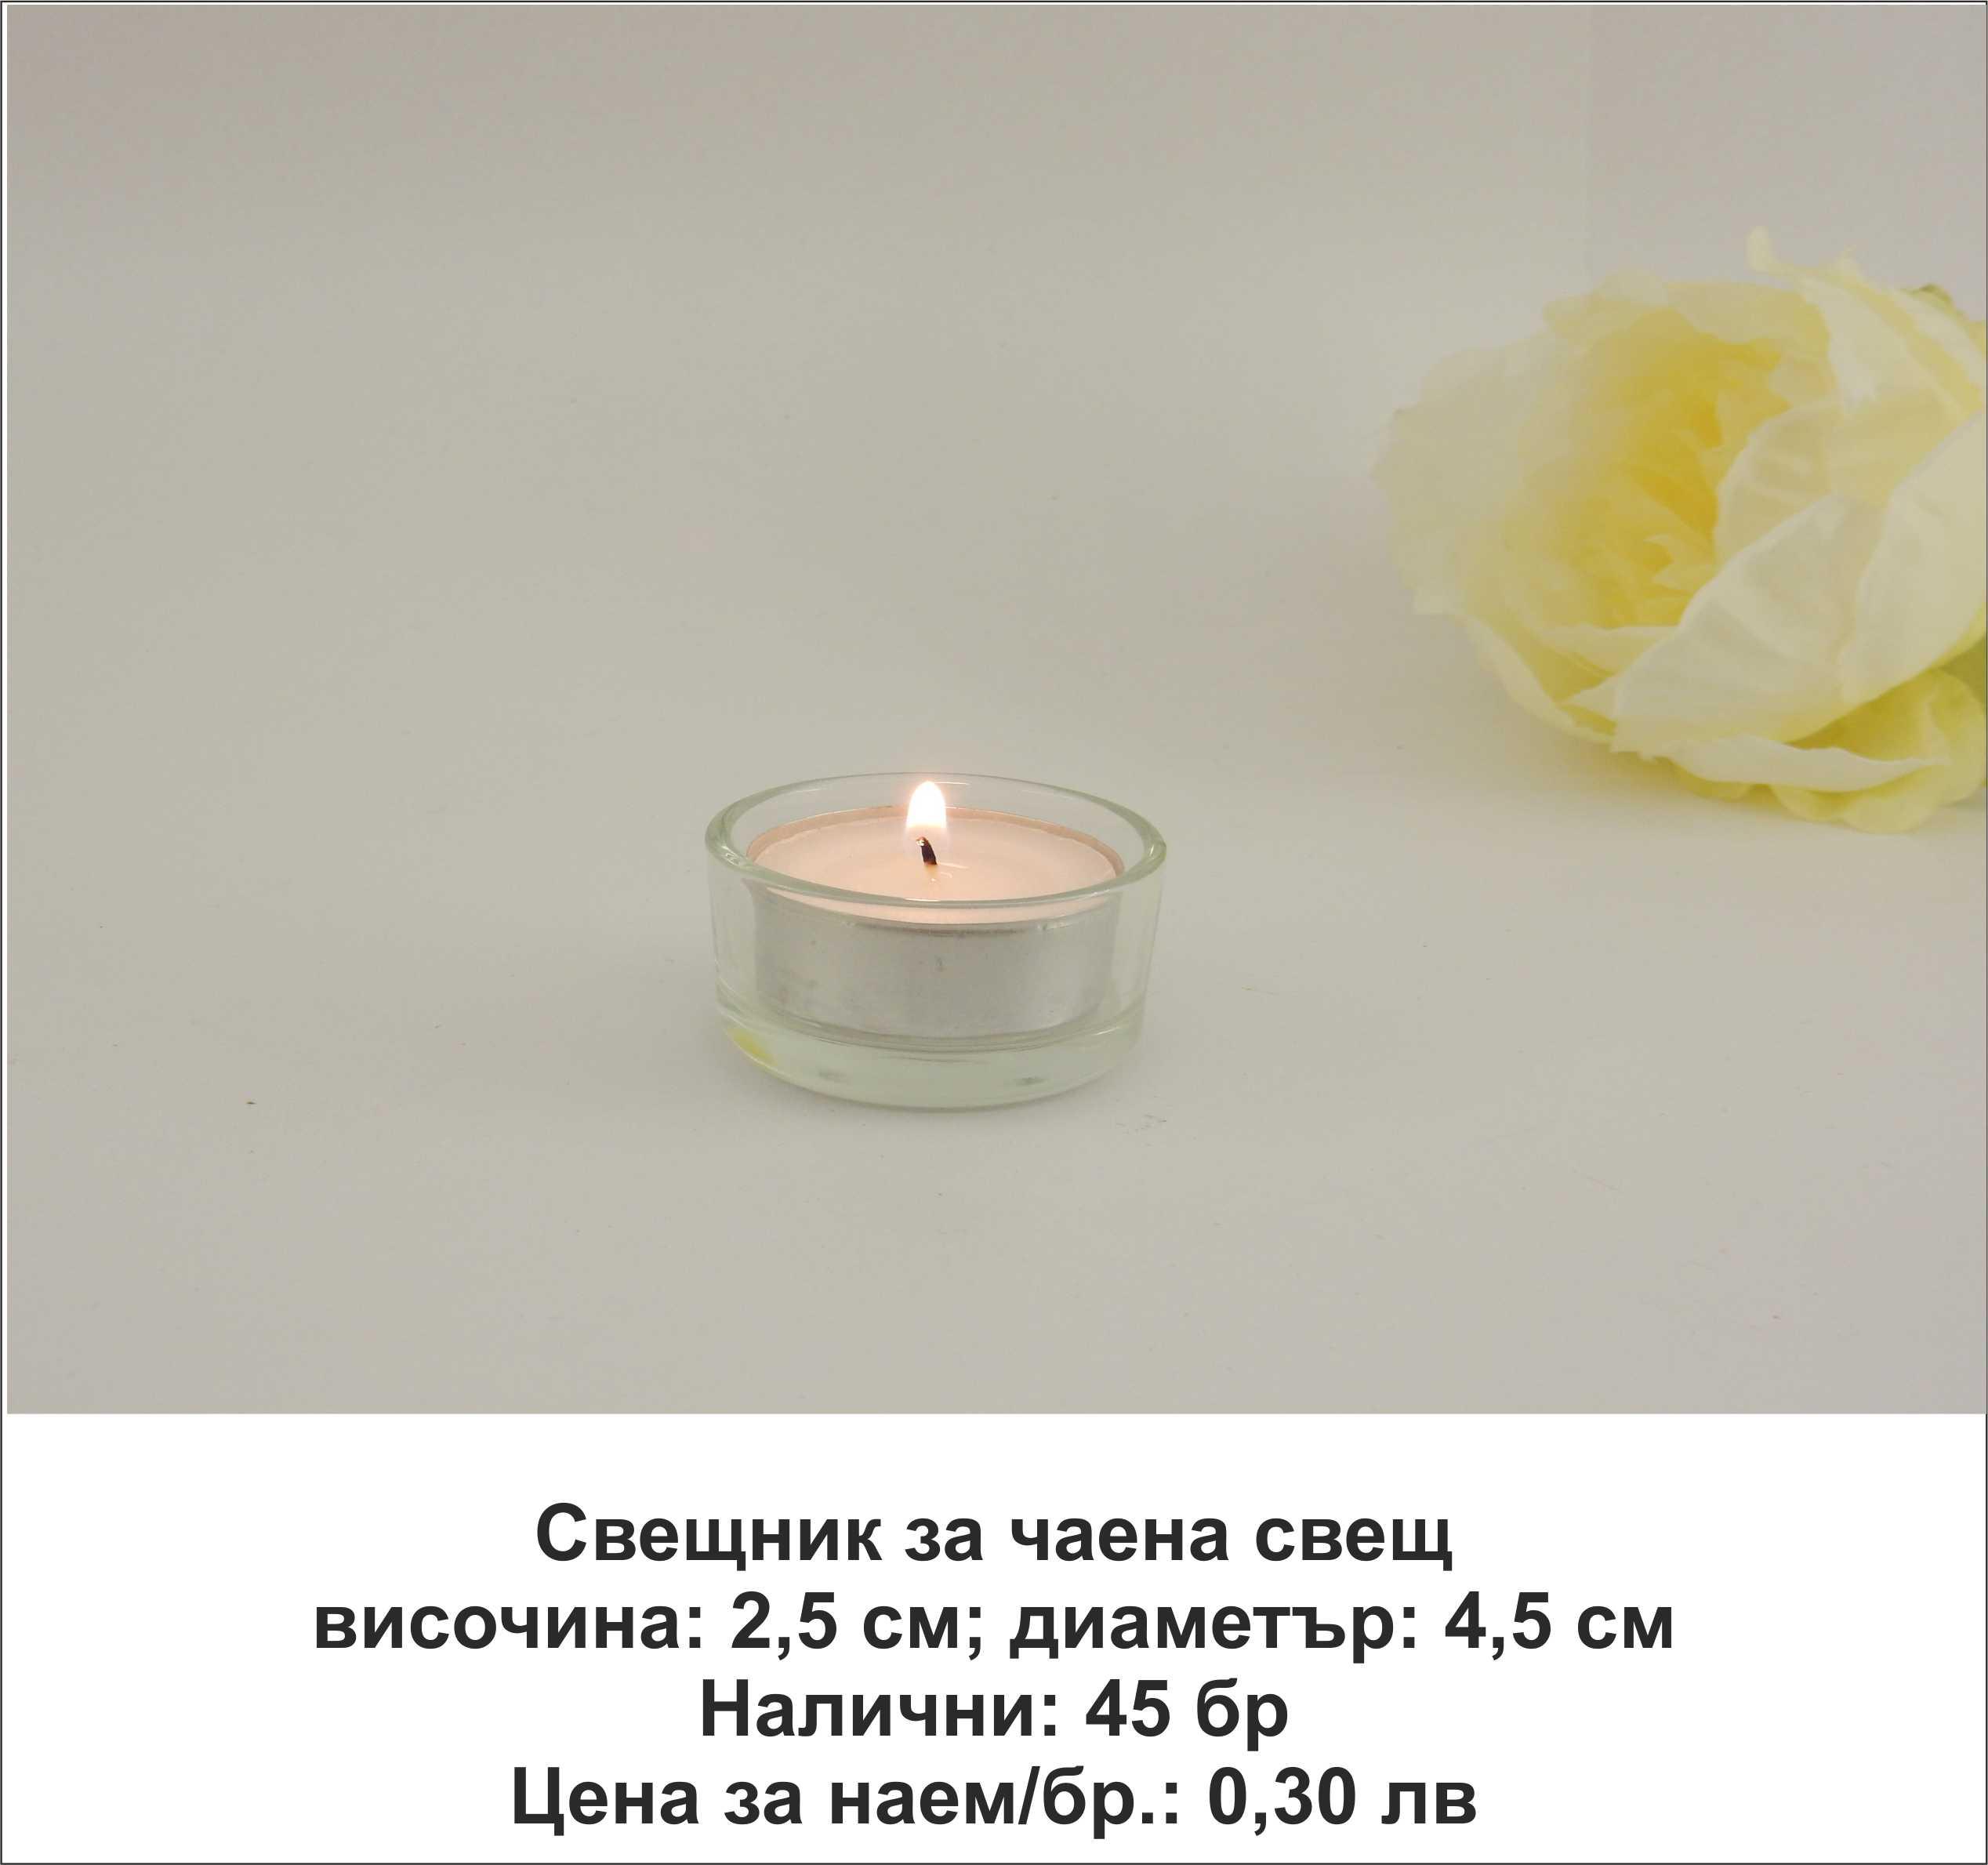 Свещник за чаена свещ. Височина: 2,5 см. Цена за наем за брой: 0,30 лв